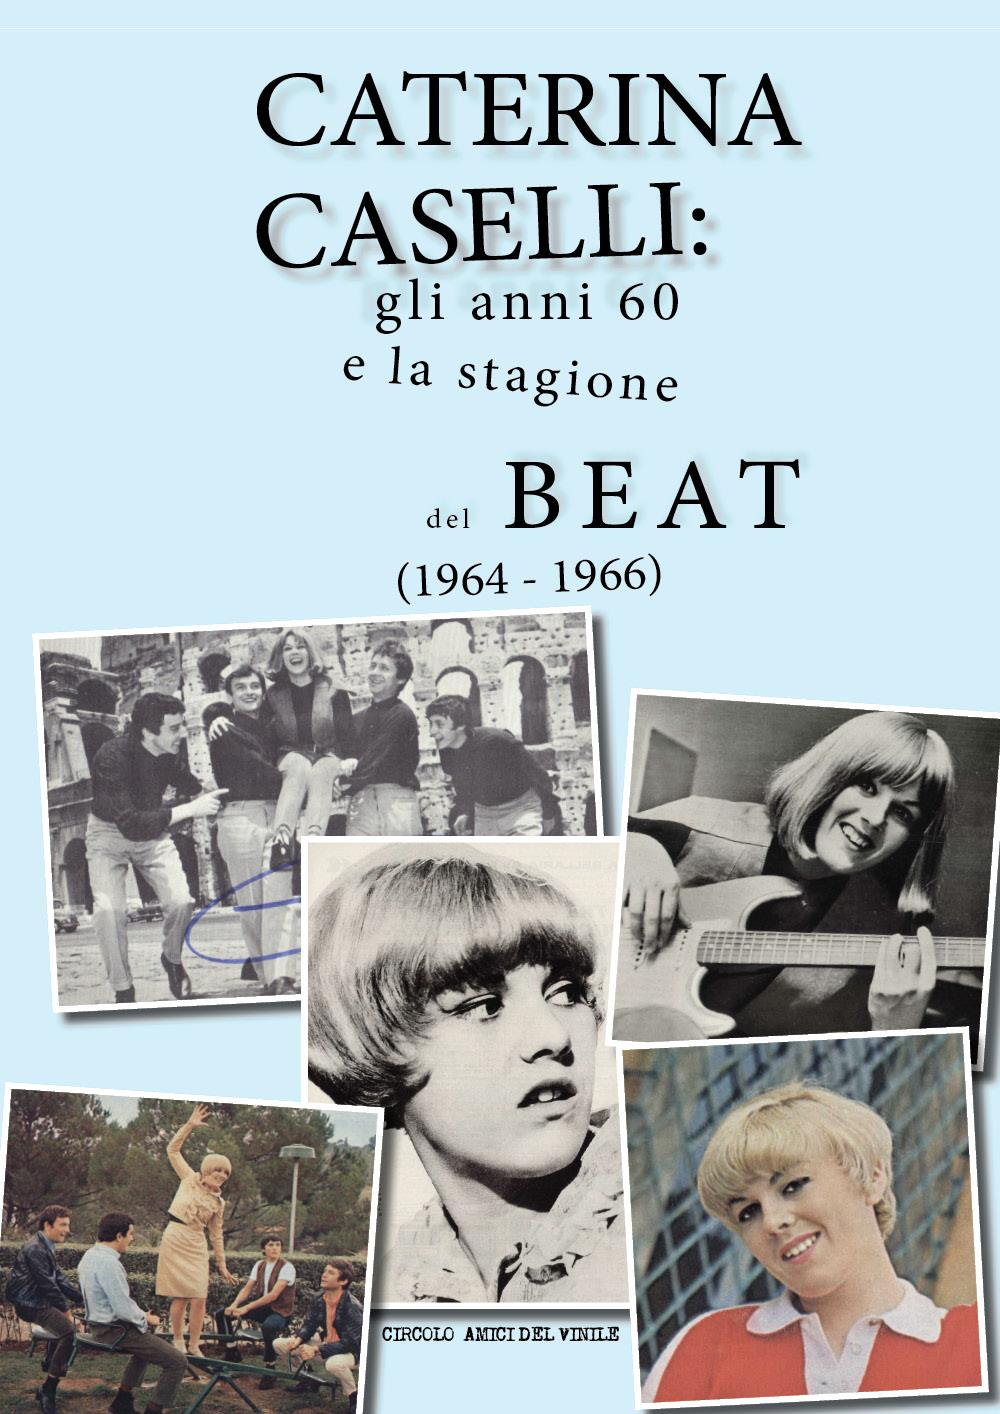 Caterina Caselli: gli anni 60 e la stagione del beat (1964 - 1966)